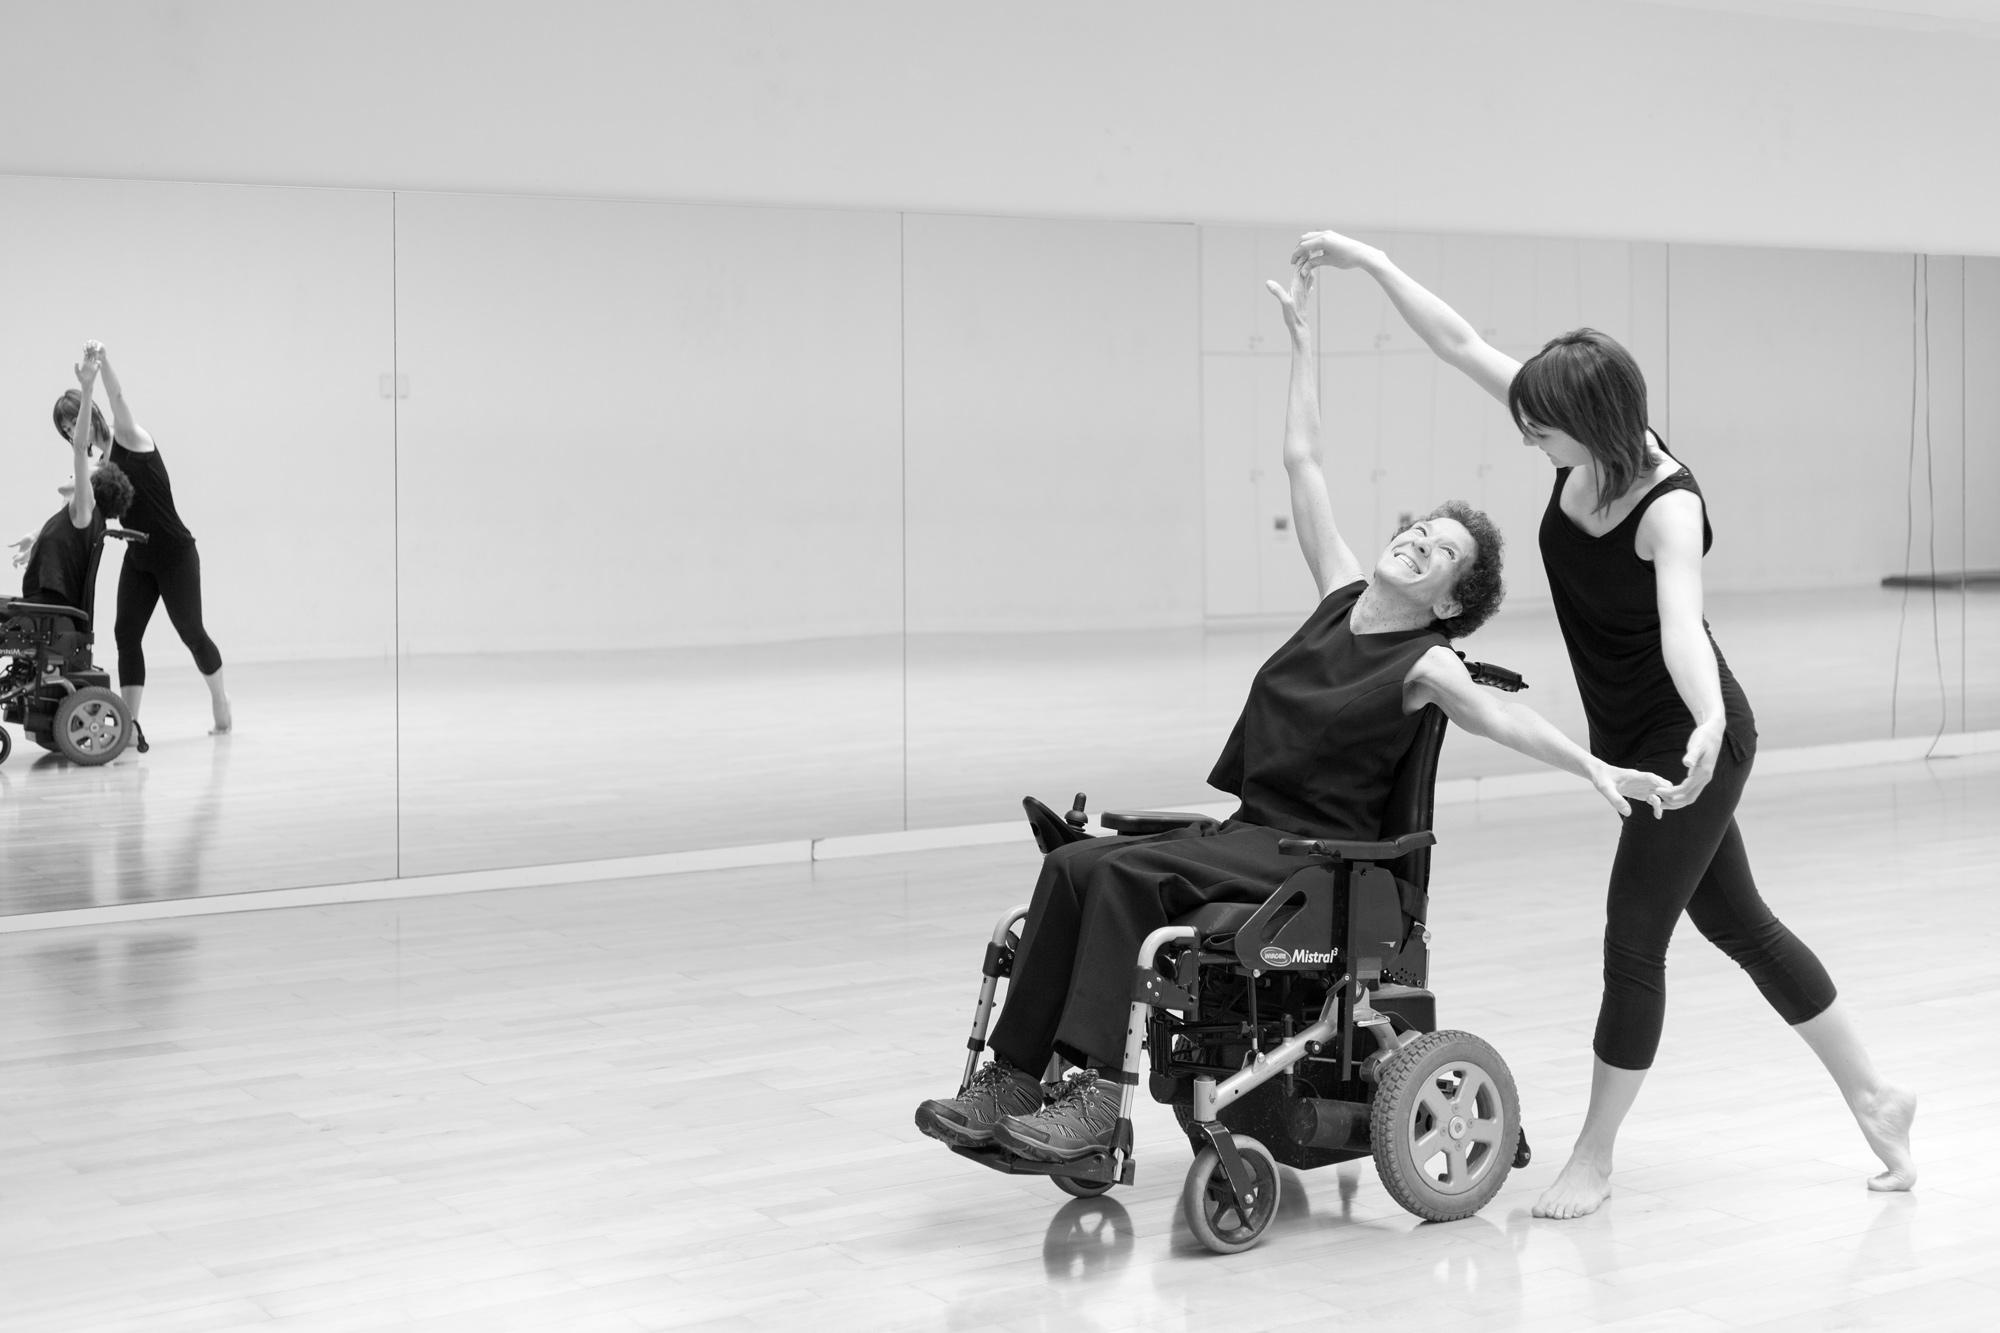 Curso I. Introducción a la actividad física para personas en sillas de ruedas, a través de la danza